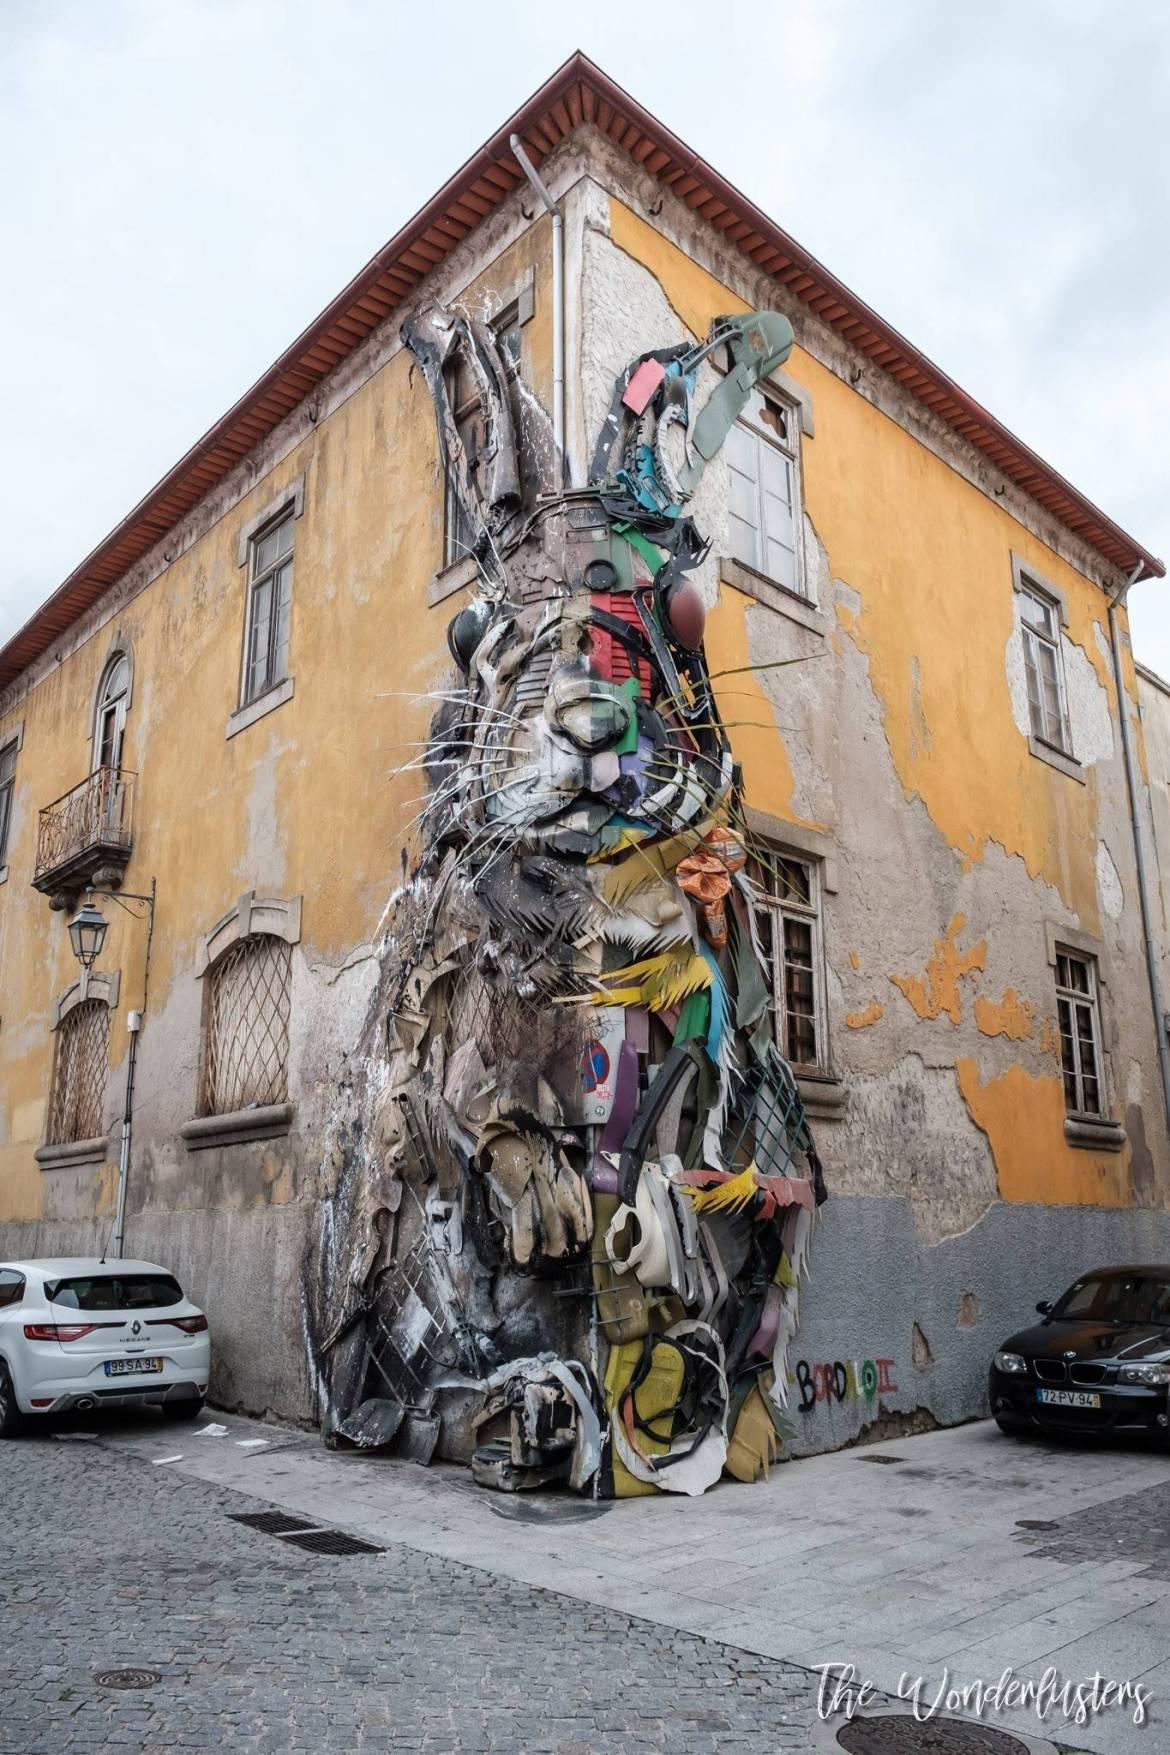 Coelho, arte urbana de Bordalo II